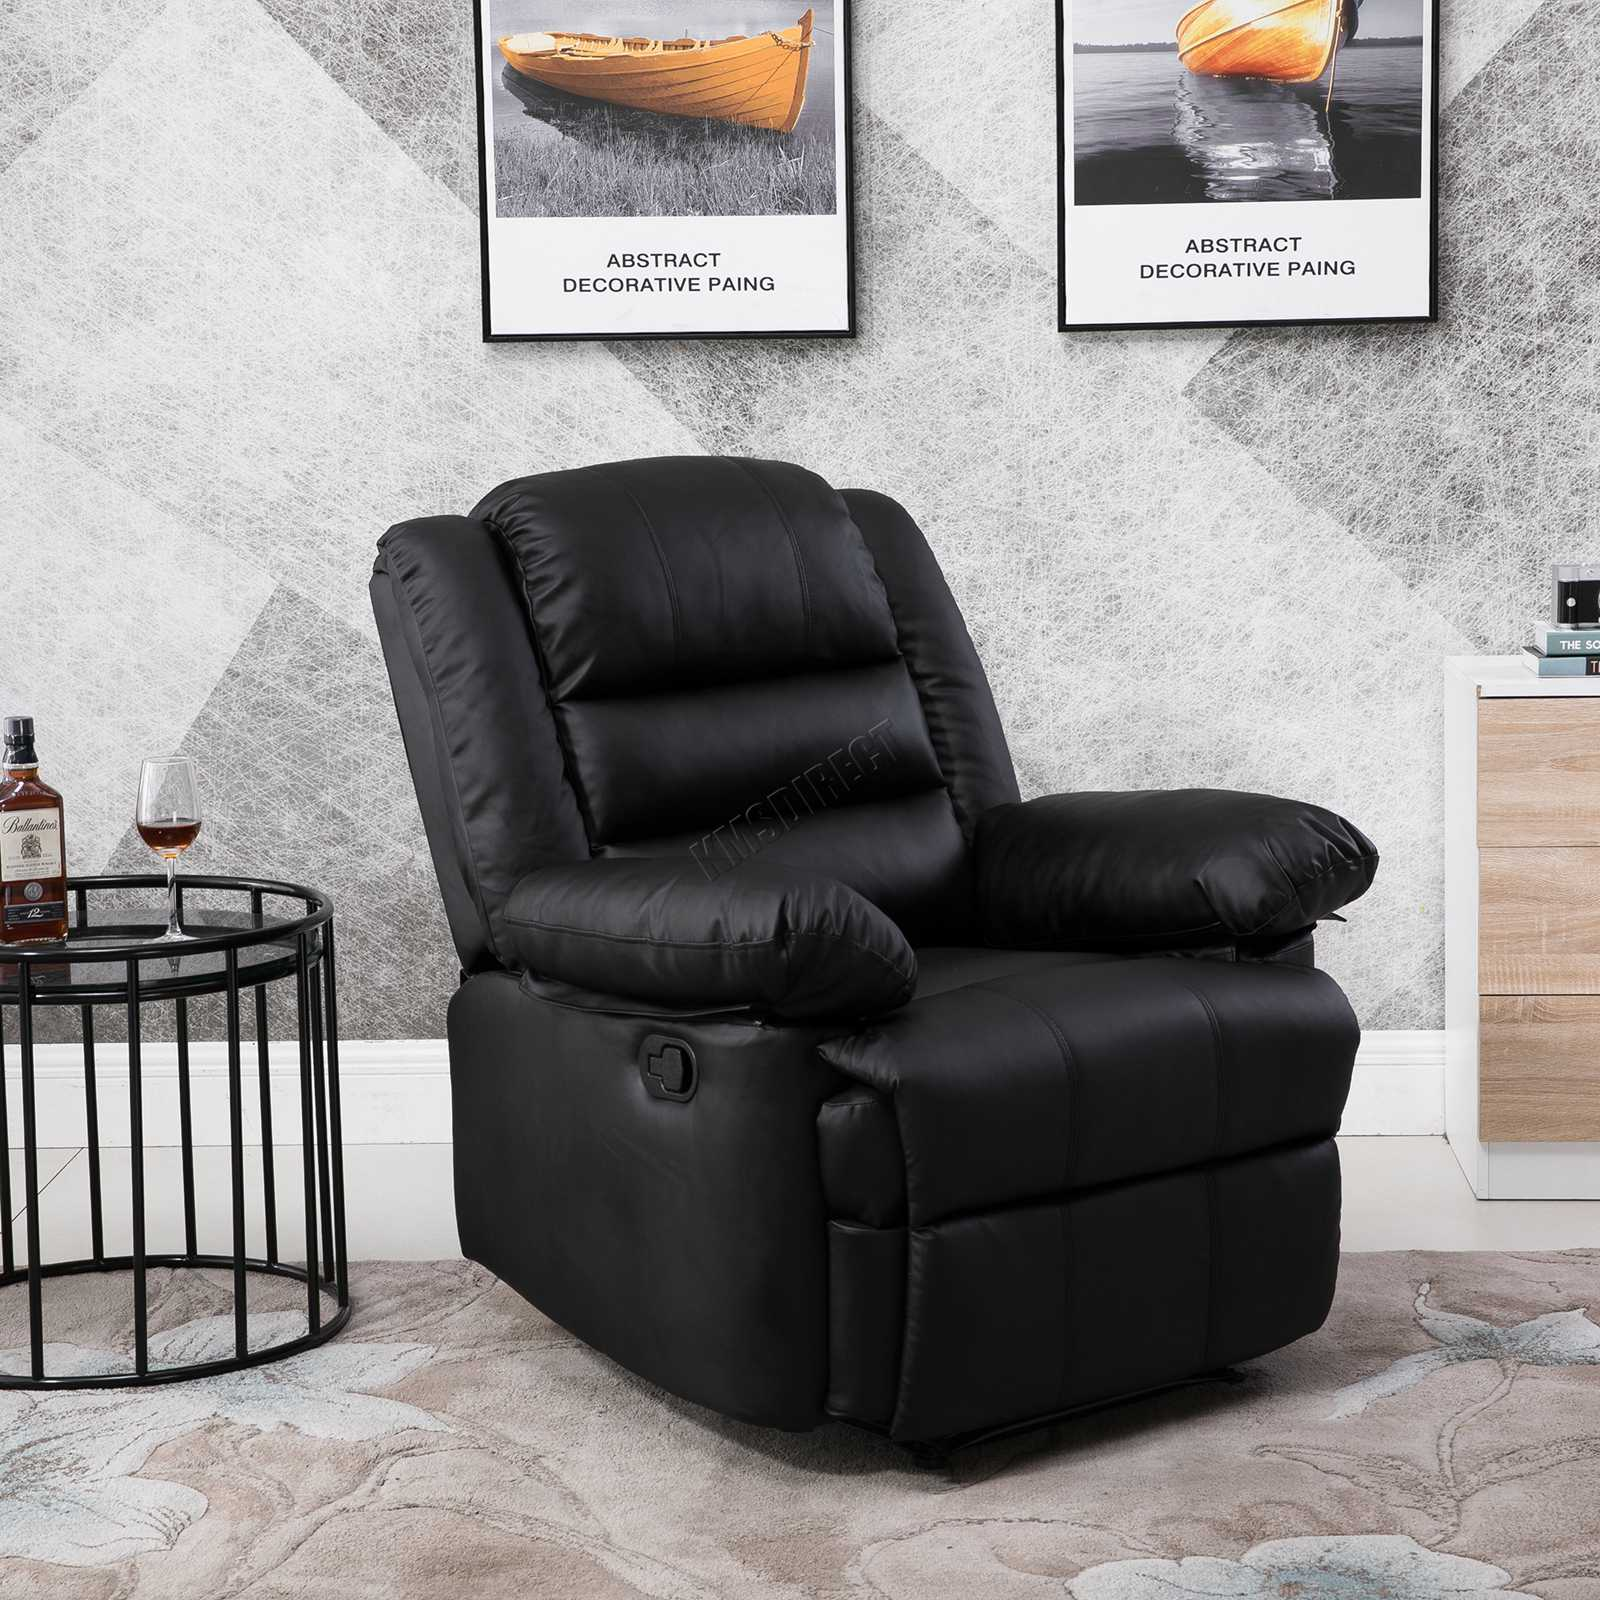 westwood luxus sitzer pu leder kino lehnstuhl sofa stuhl sessel rs04 ebay. Black Bedroom Furniture Sets. Home Design Ideas